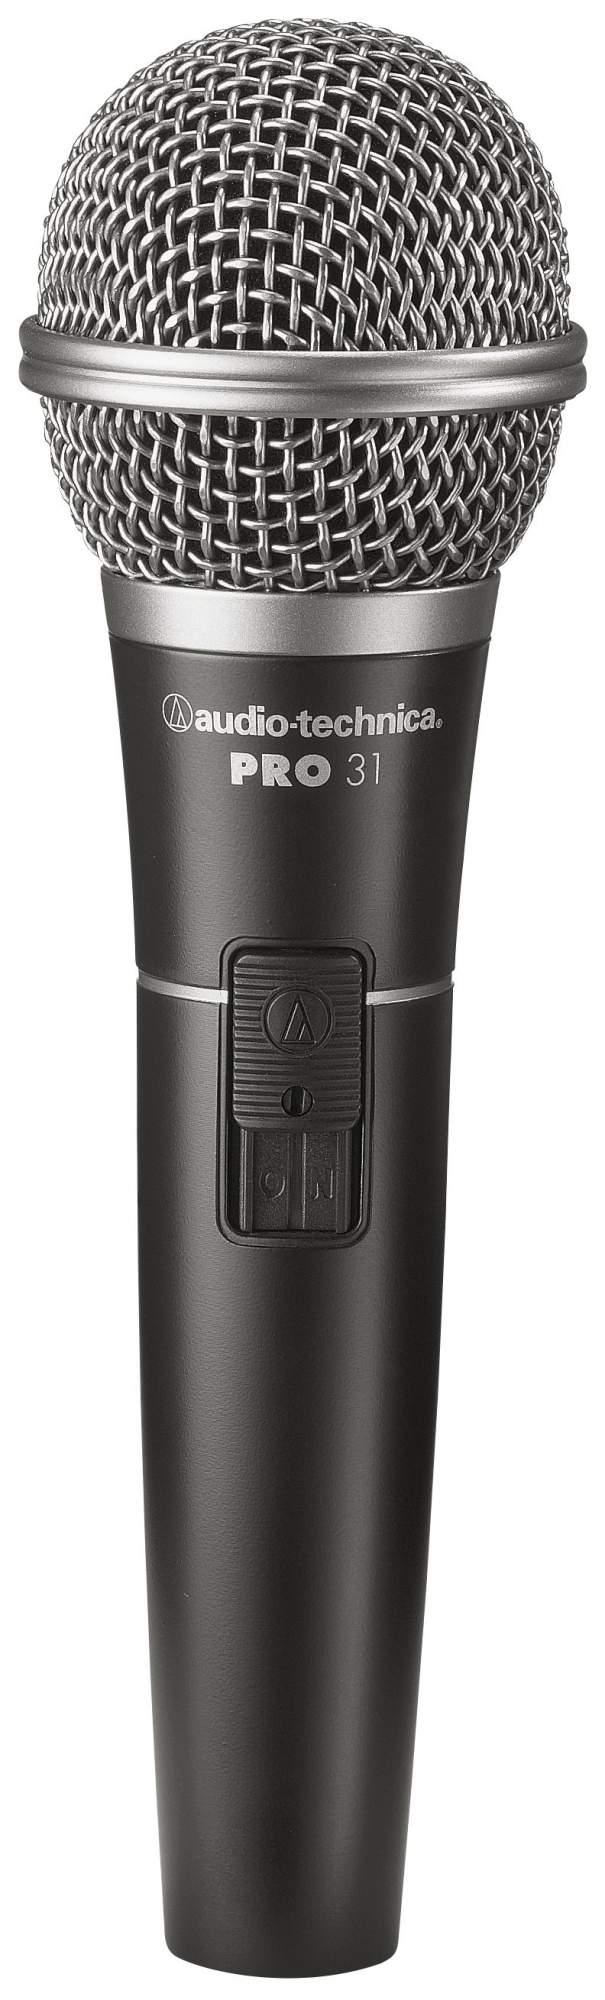 Микрофон Audio-Technica PRO 31